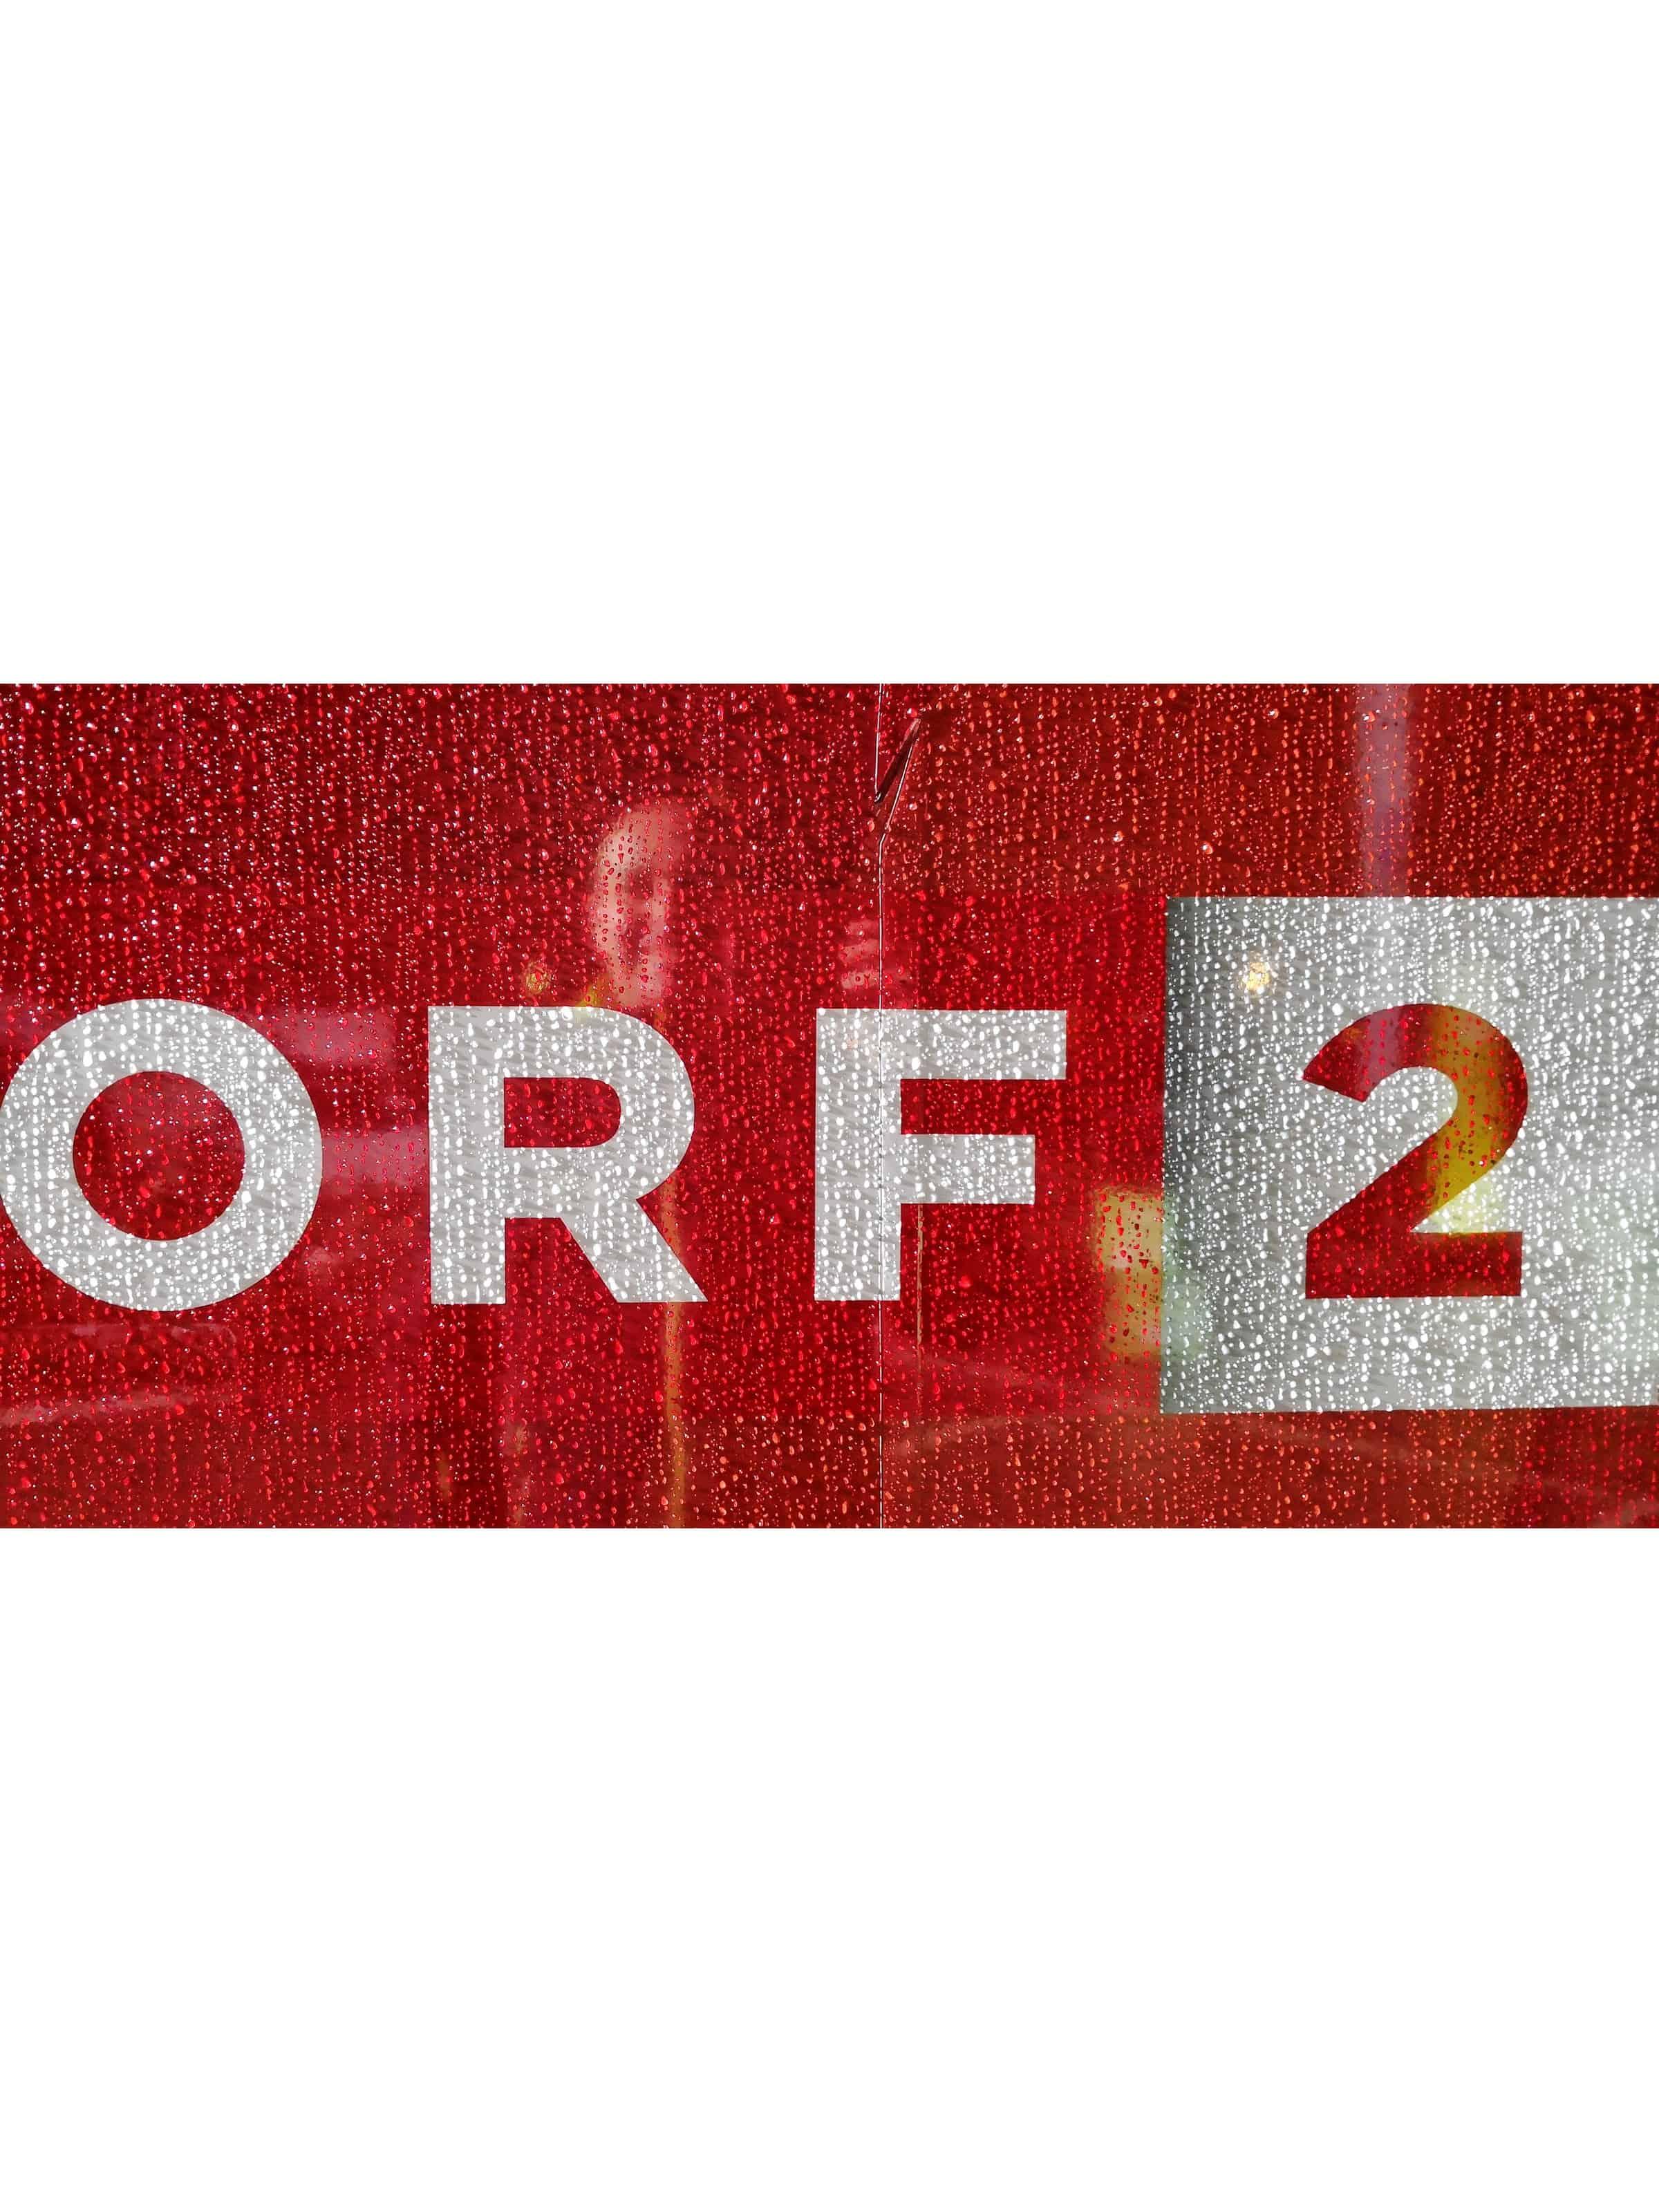 andreas felder kameramann ORF Guten Morgen Österreich ORF Daheim in Österreich 27 28.03.2018 06 02 41 - ORF Unterwegs in Österreich